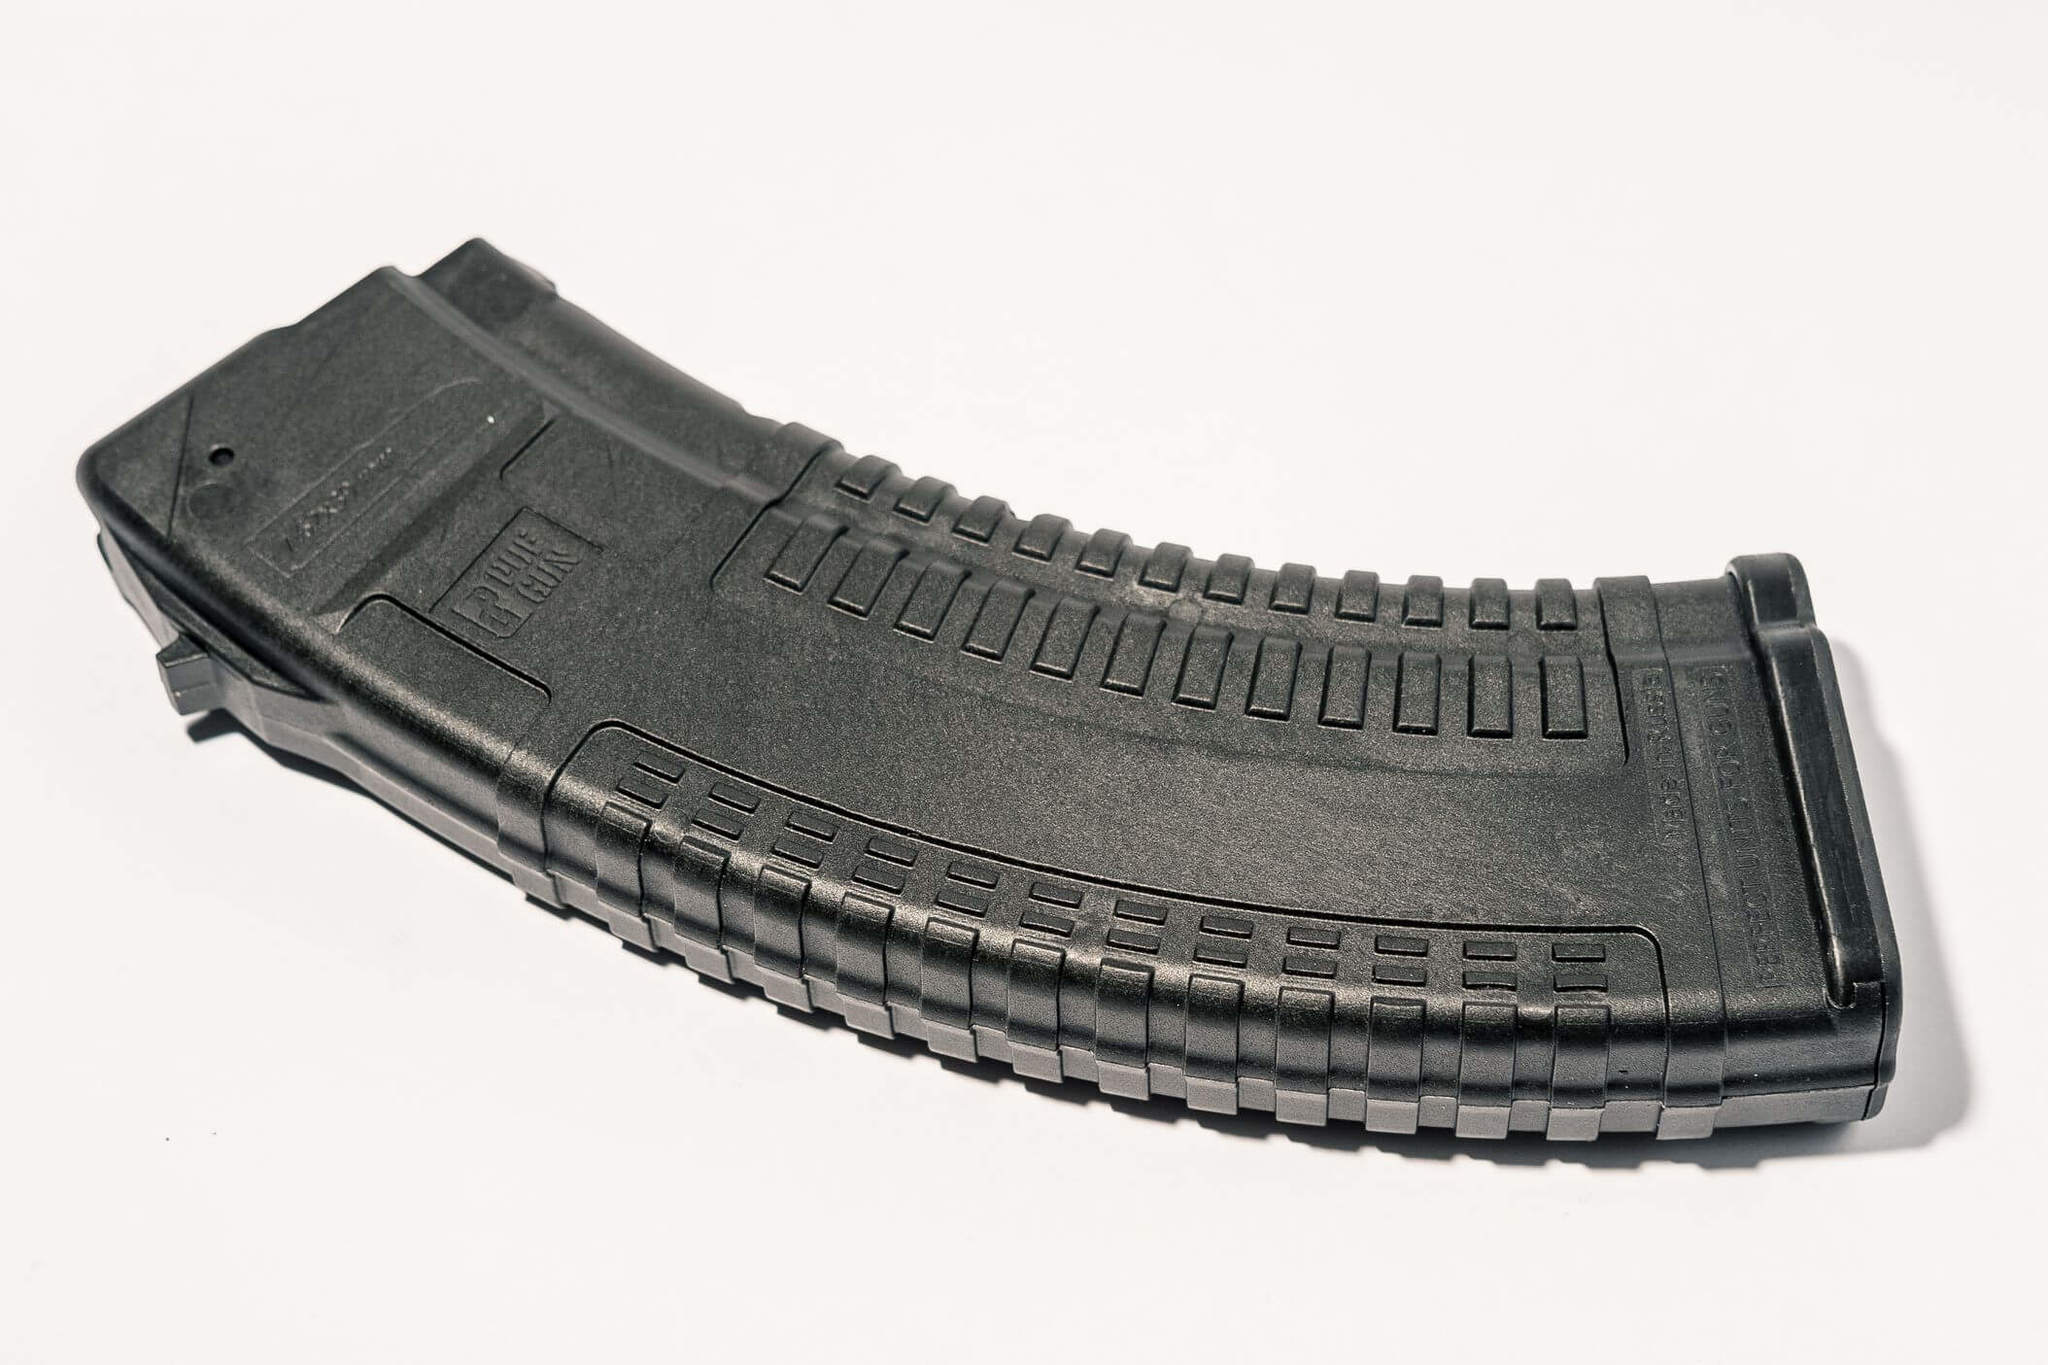 Магазин Pufgun для АКМ 7.62x39 ВПО-136 ВПО-209 на 30 патронов, чёрного цвета